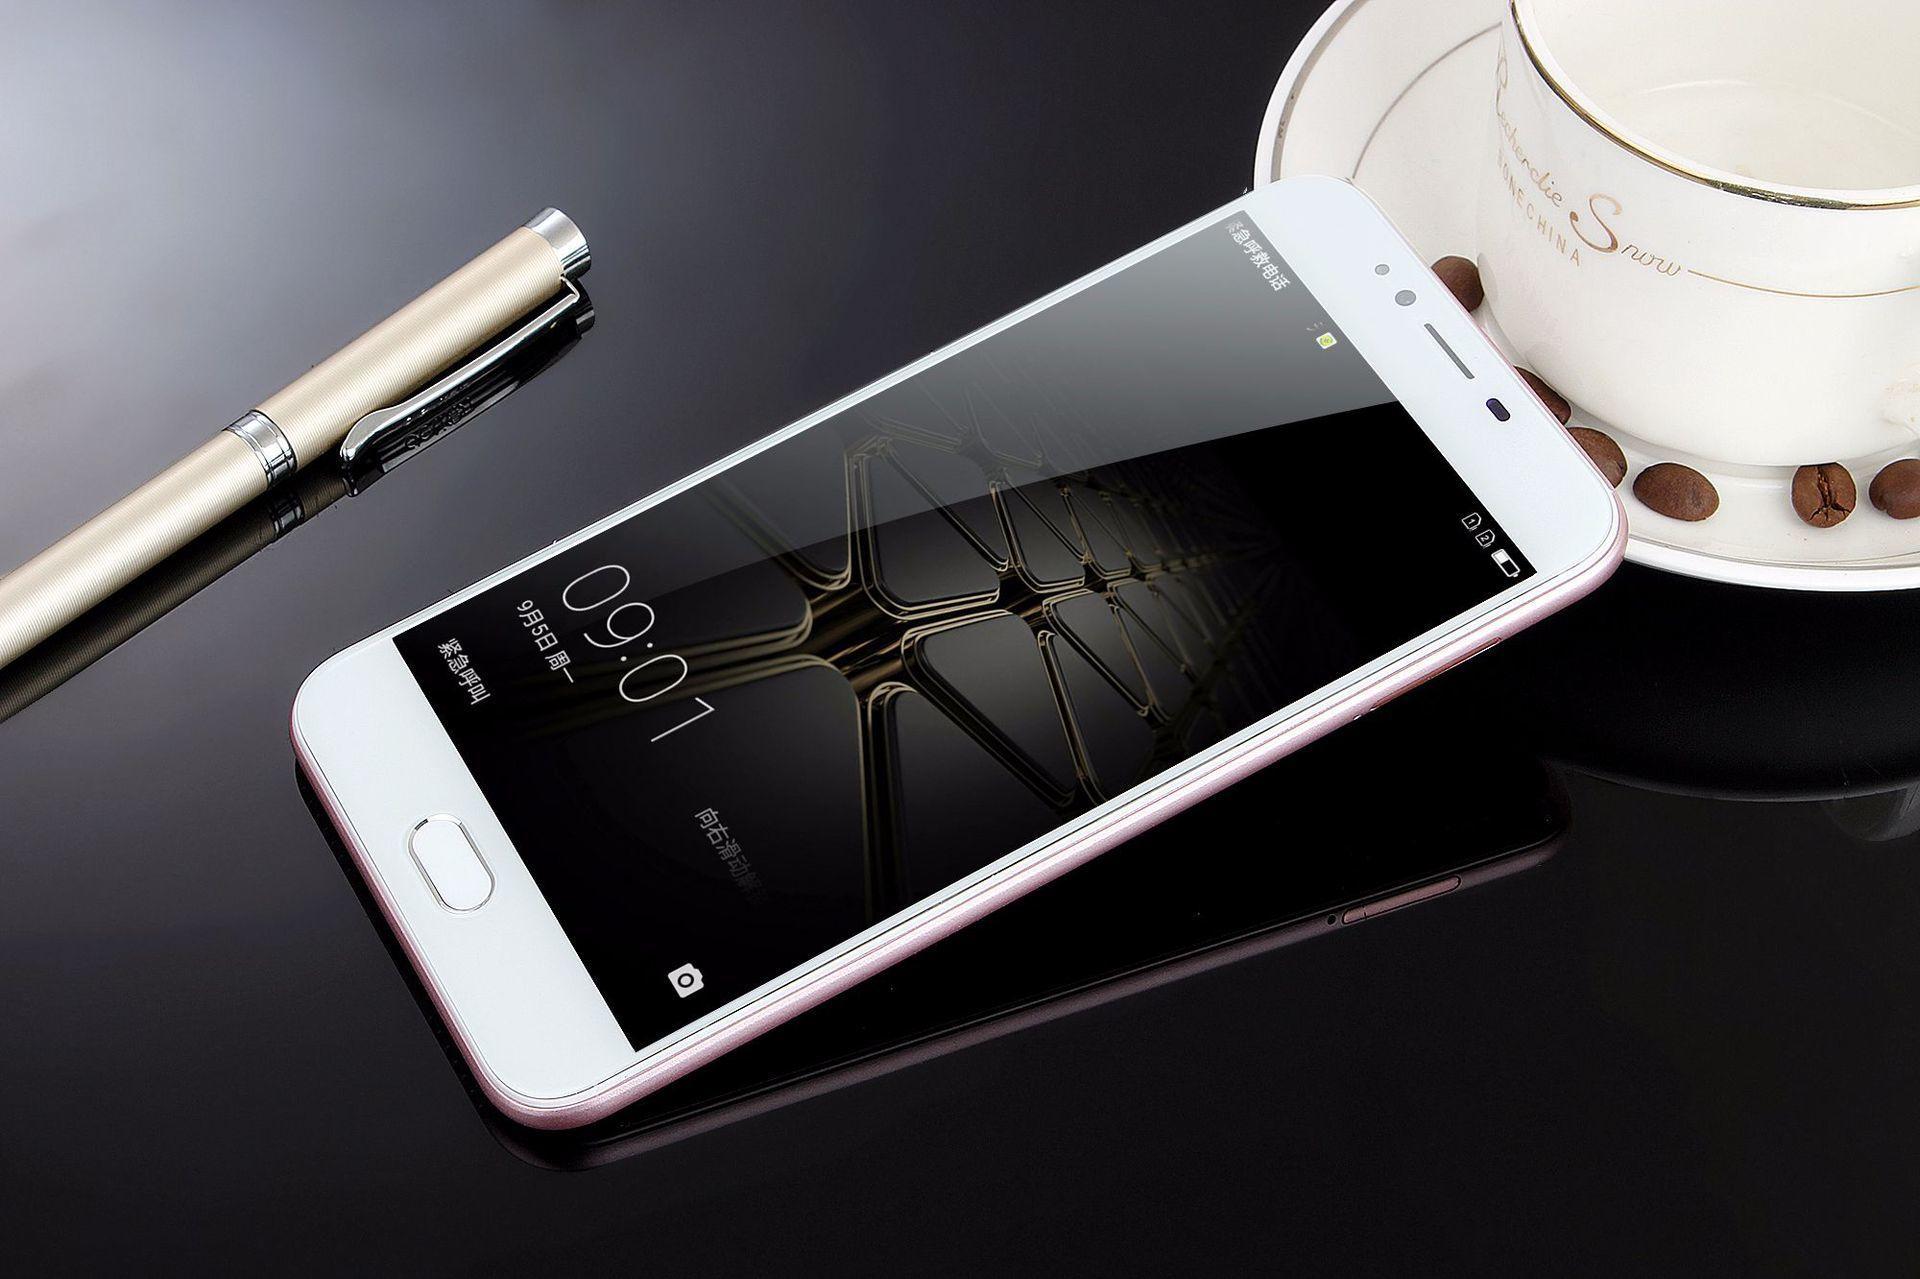 Kernel 6.0 Fingerprint Full Cnc 4g Intelligence Mobile Phone Large Screen 6 Inch Show Us 128g + Internal Memory Intelligence Mobile Phone